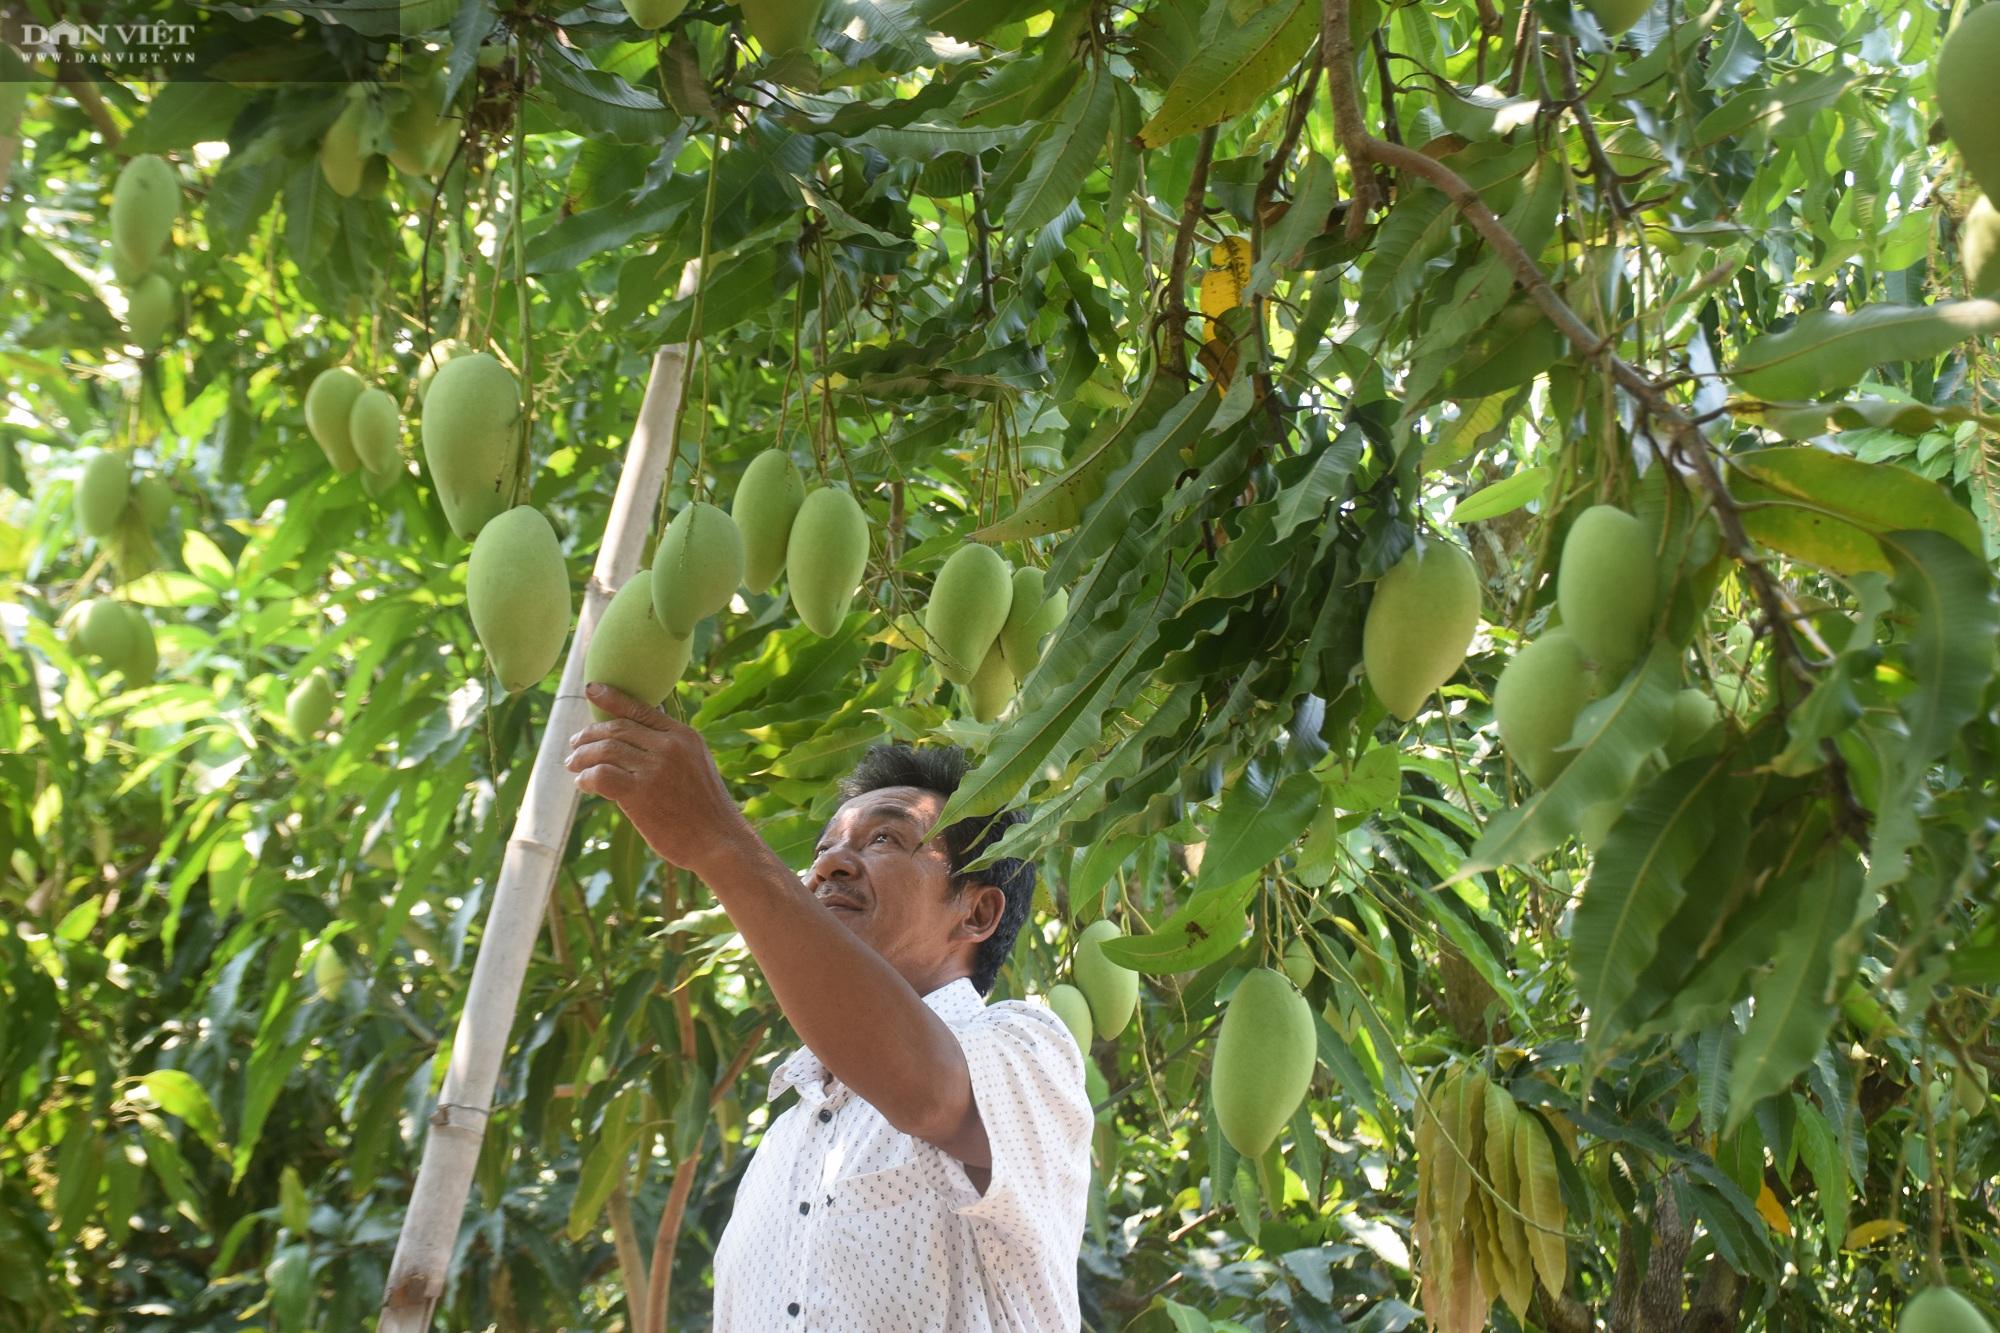 """Bình Định: Ở vùng đất này toàn cát, thế mà nông dân trồng xoài ra chi chít quả, chất lượng thì """"không thể chê"""" - Ảnh 3."""